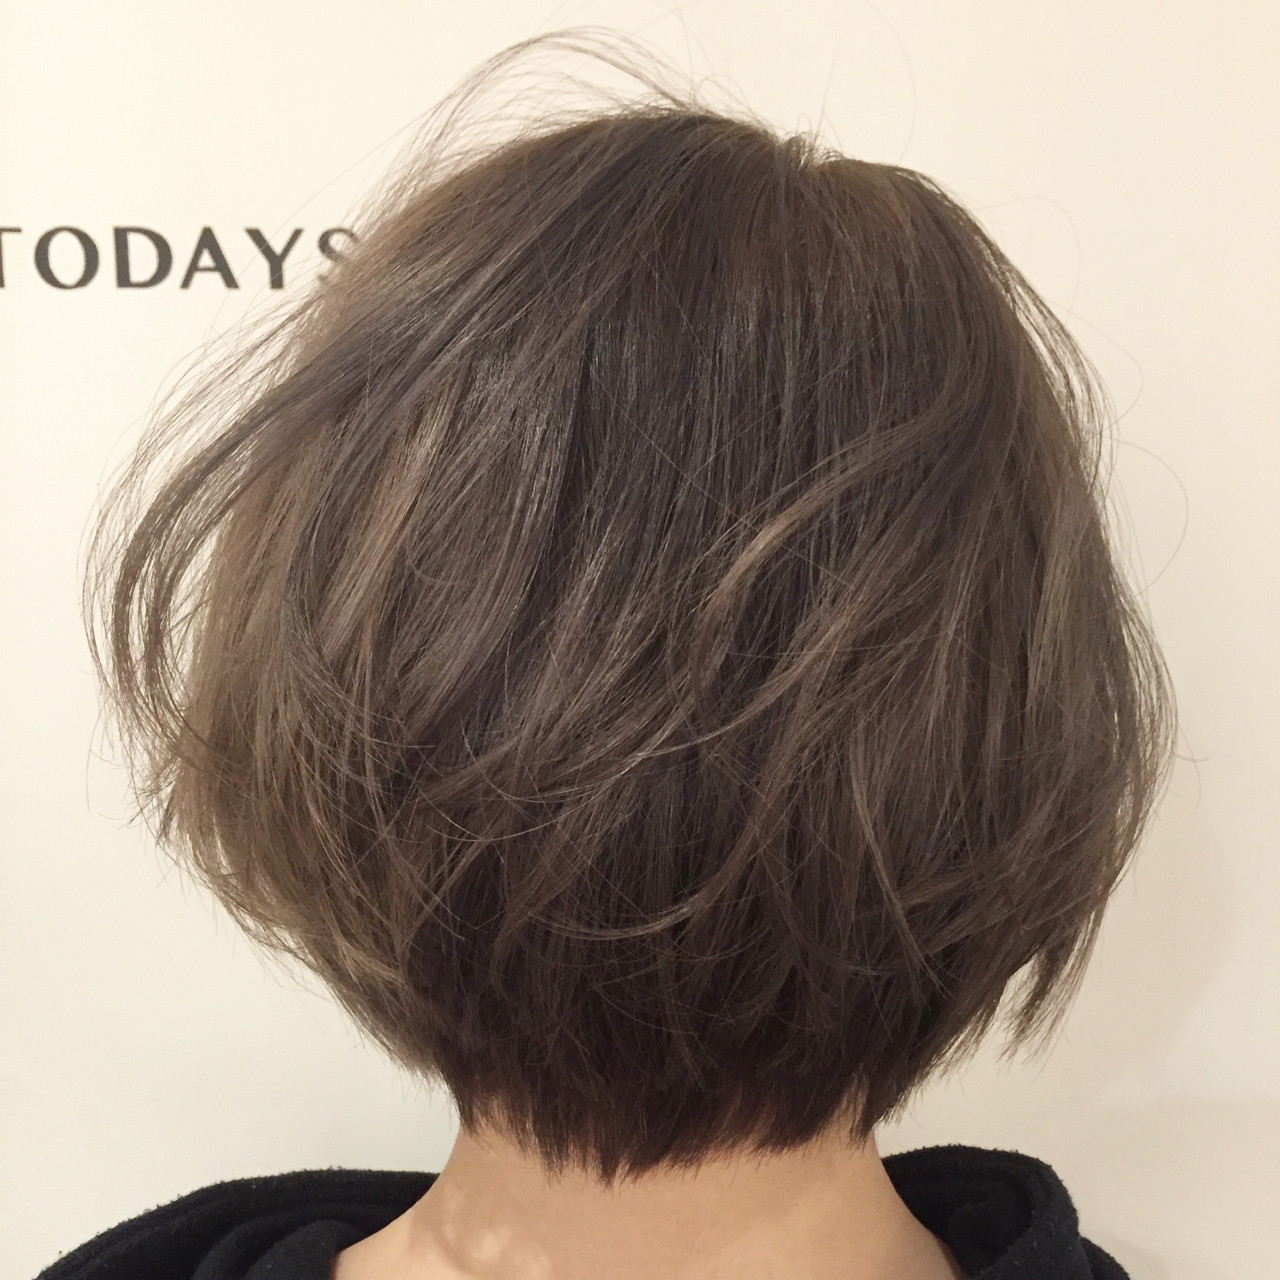 アッシュベージュ ブリーチ ストリート ショート ヘアスタイルや髪型の写真・画像   ナベ / EIGHT hair salon